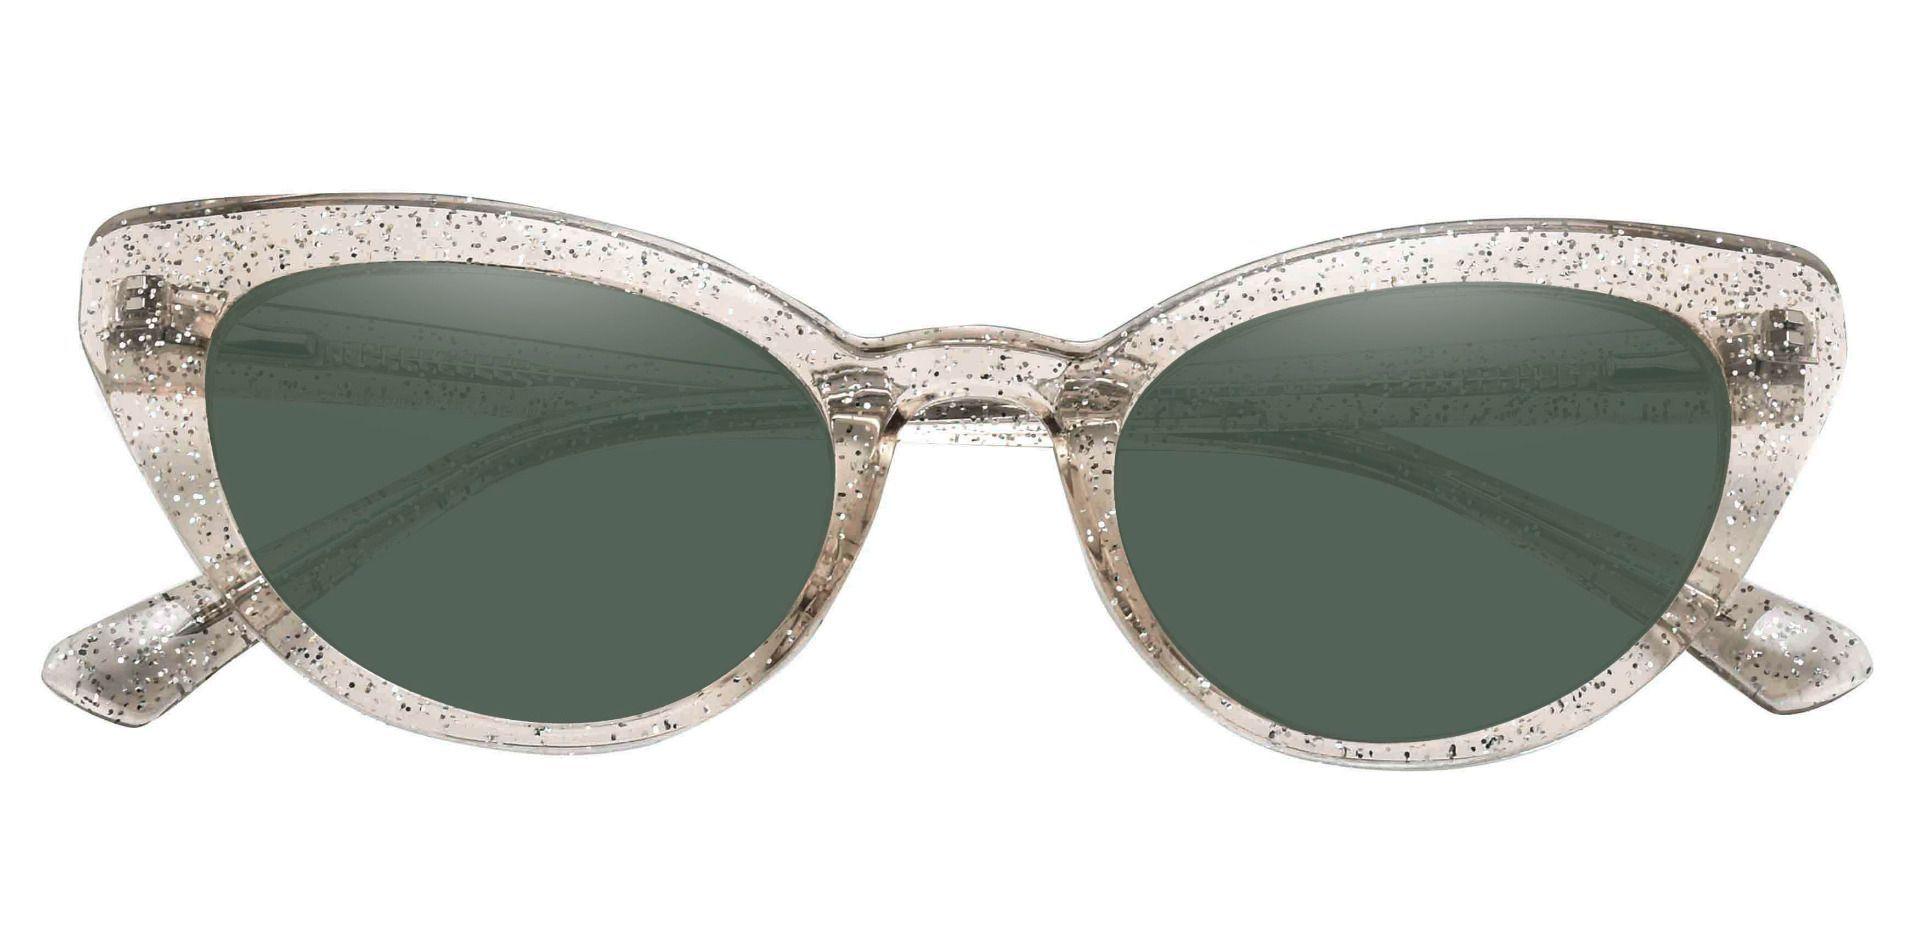 June Cat Eye Prescription Sunglasses - Brown Frame With Green Lenses